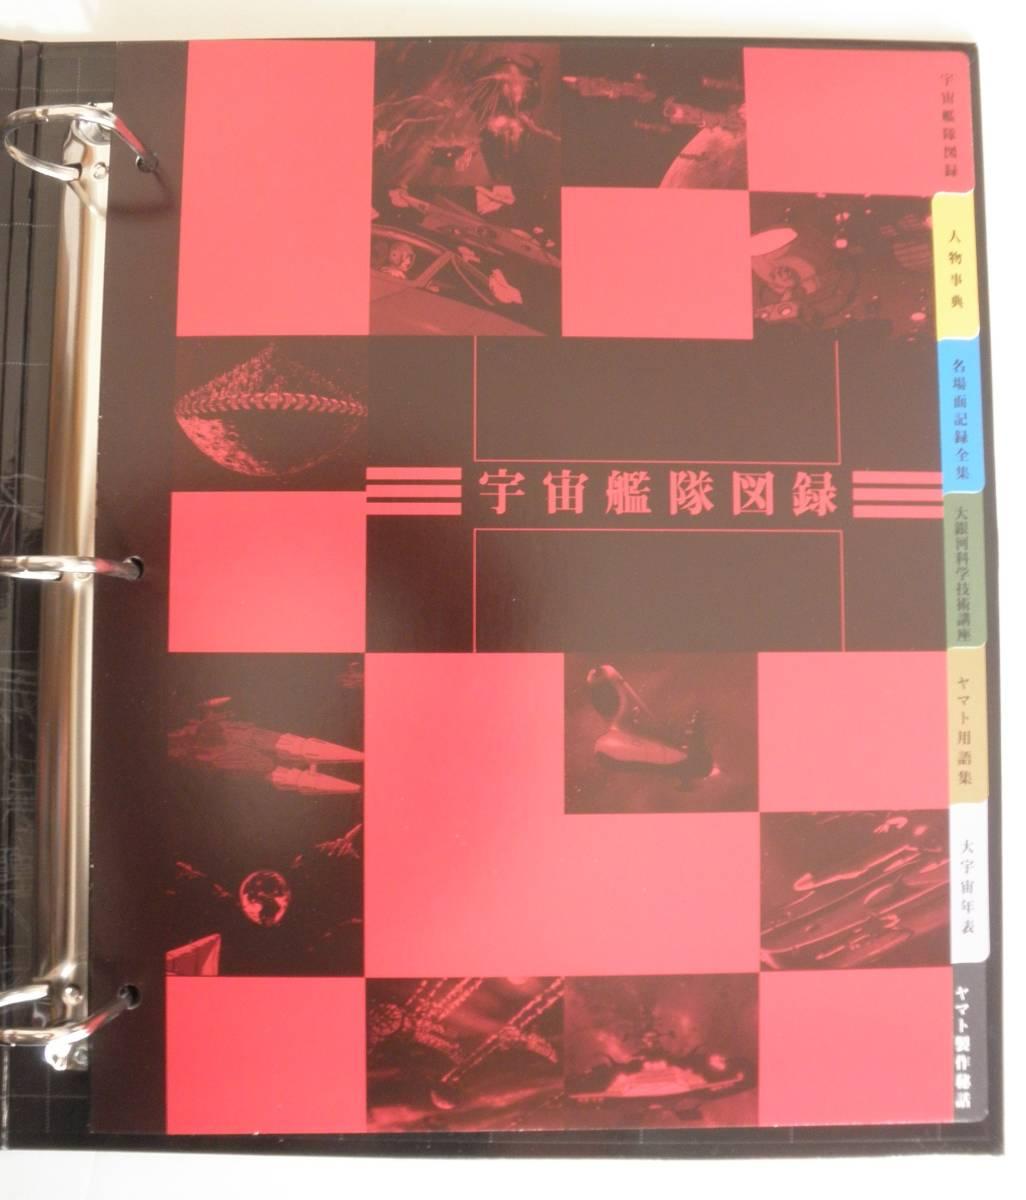 宇宙戦艦ヤマト オフィシャル・ファクトファイル 創刊号から80号まで_専用ファイル内仕切り